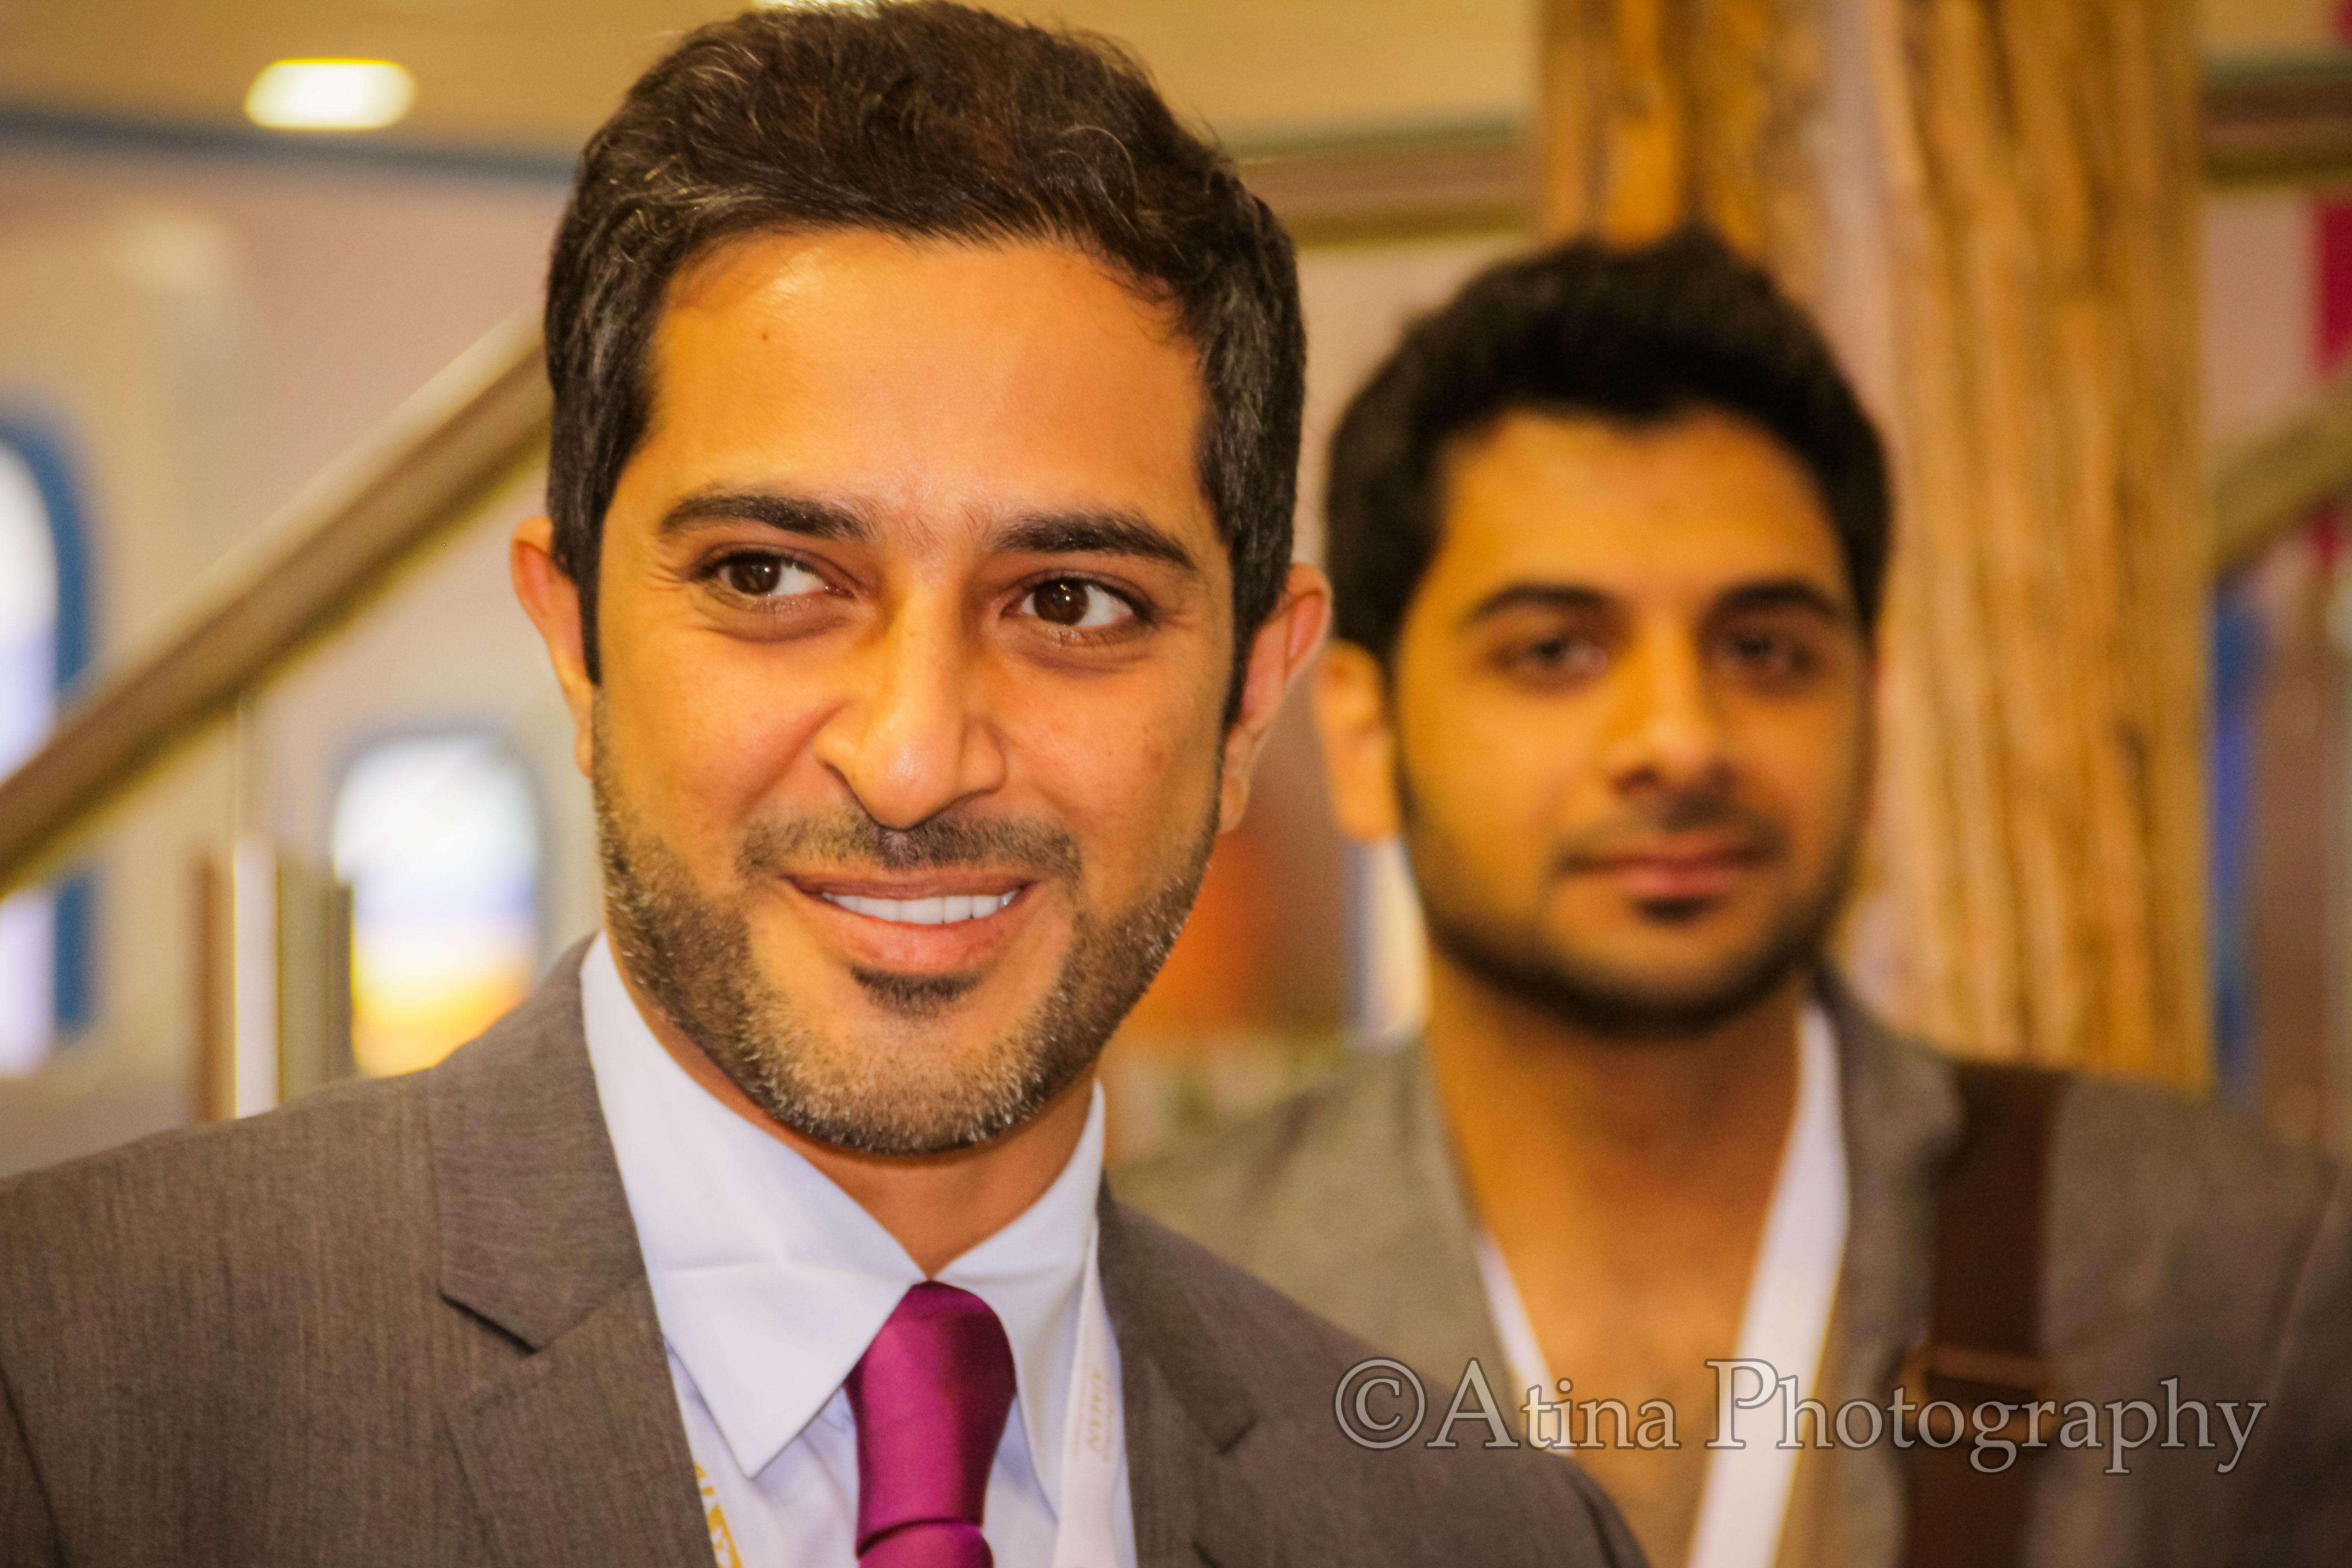 H.H. SHeikh Abdulaziz Bin Humaid Al